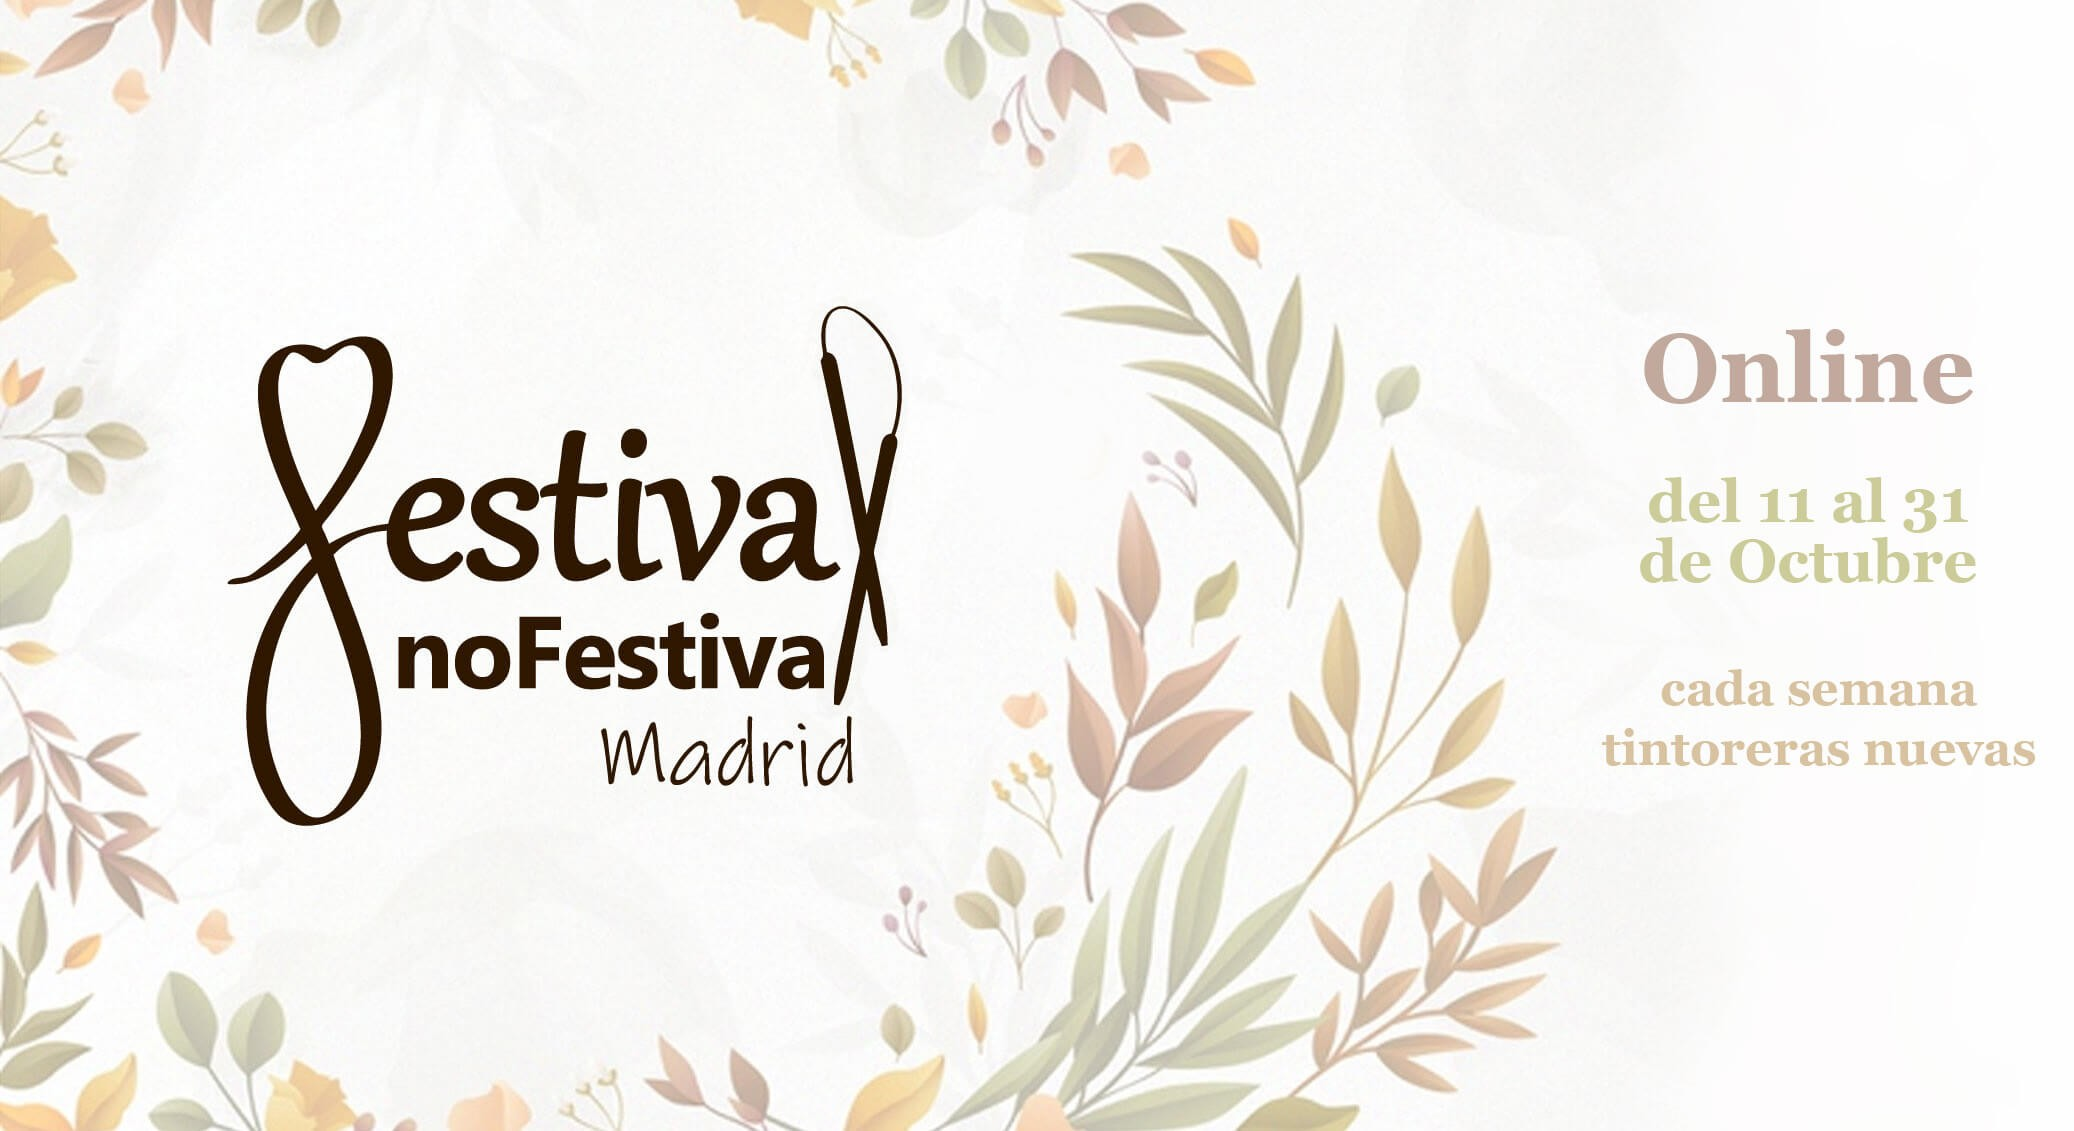 Festival no festival 2021